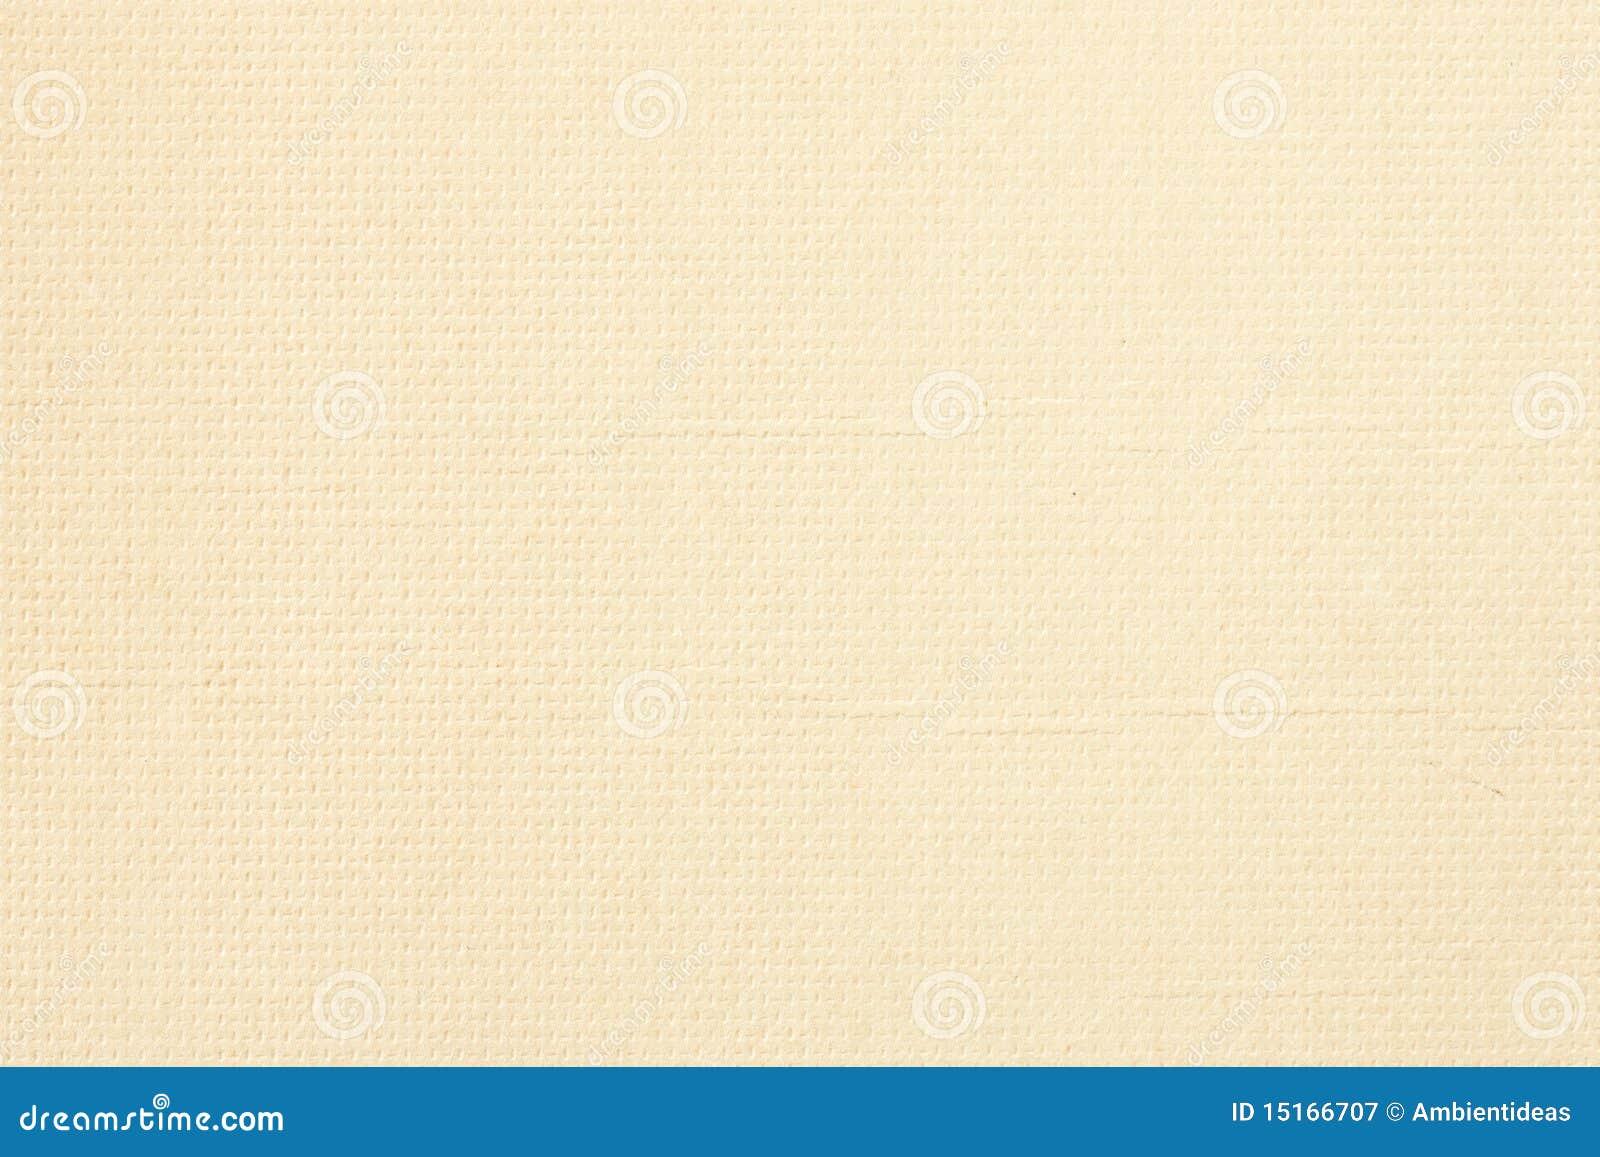 ... de archivo libre de regalías: Superficie de papel Textured punteada